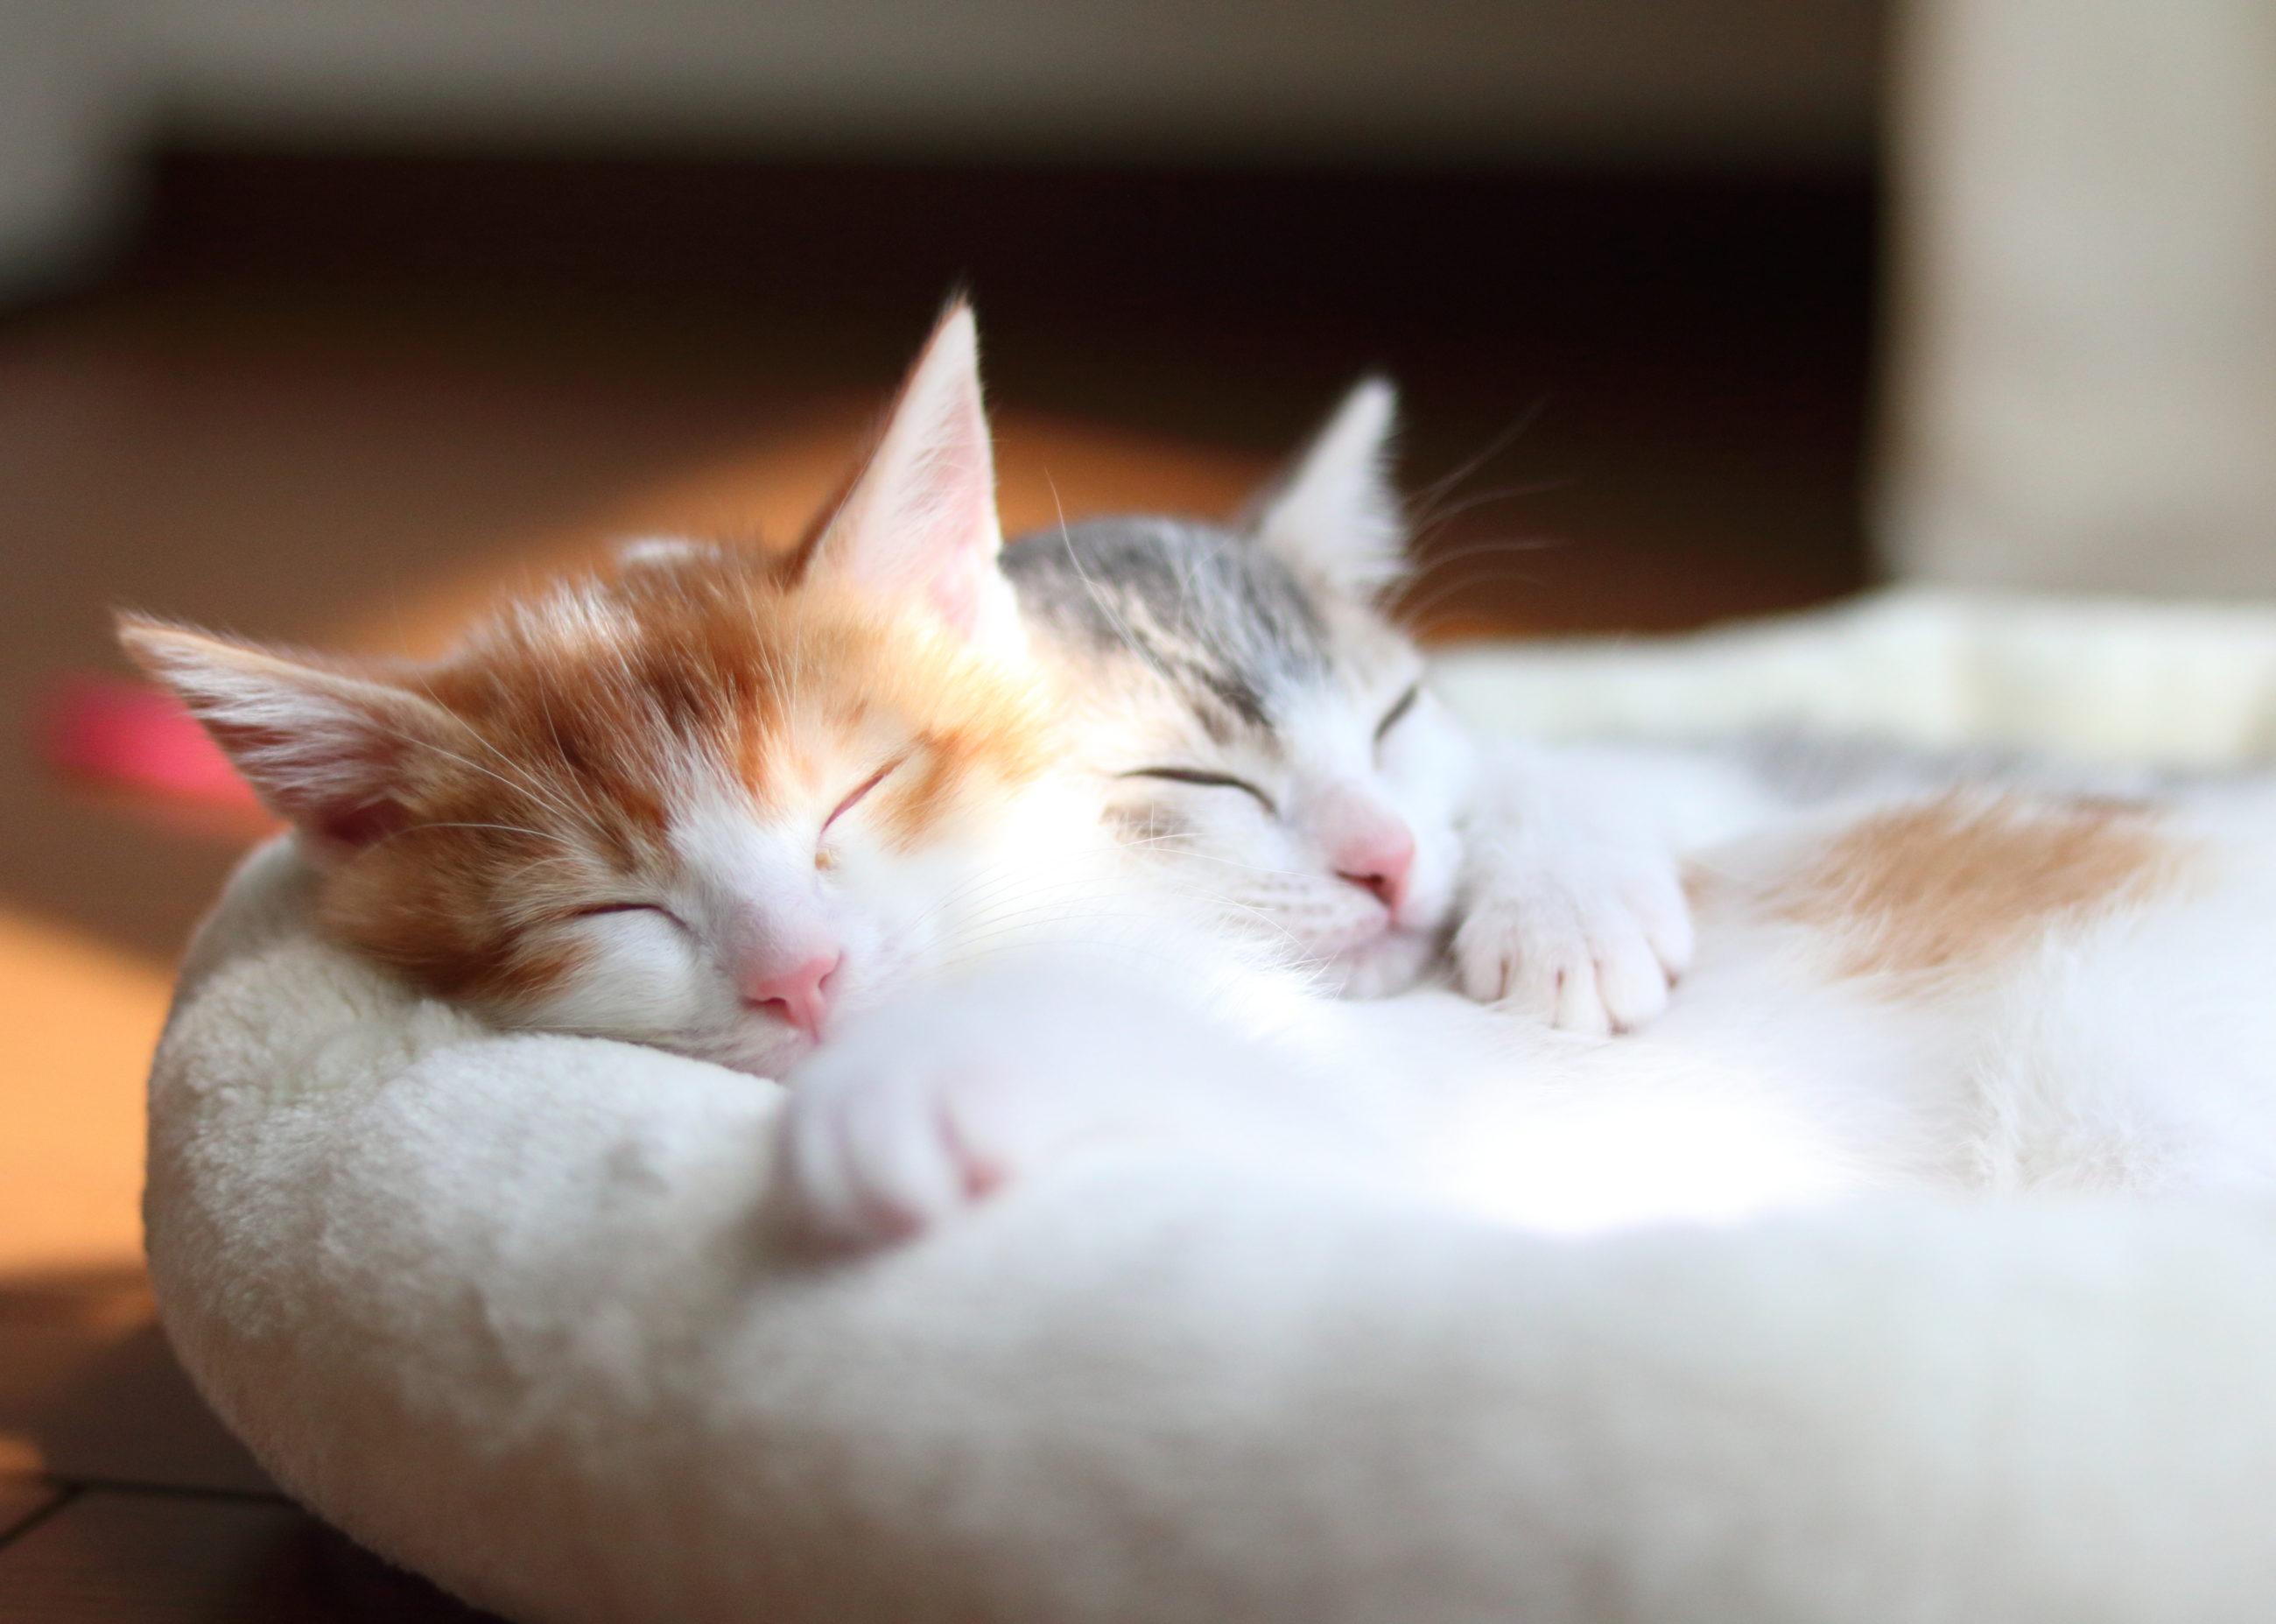 子猫を早期に母猫から離してはいけない? 動物学者・今泉忠明先生に尋ねる「8週齢」のこと